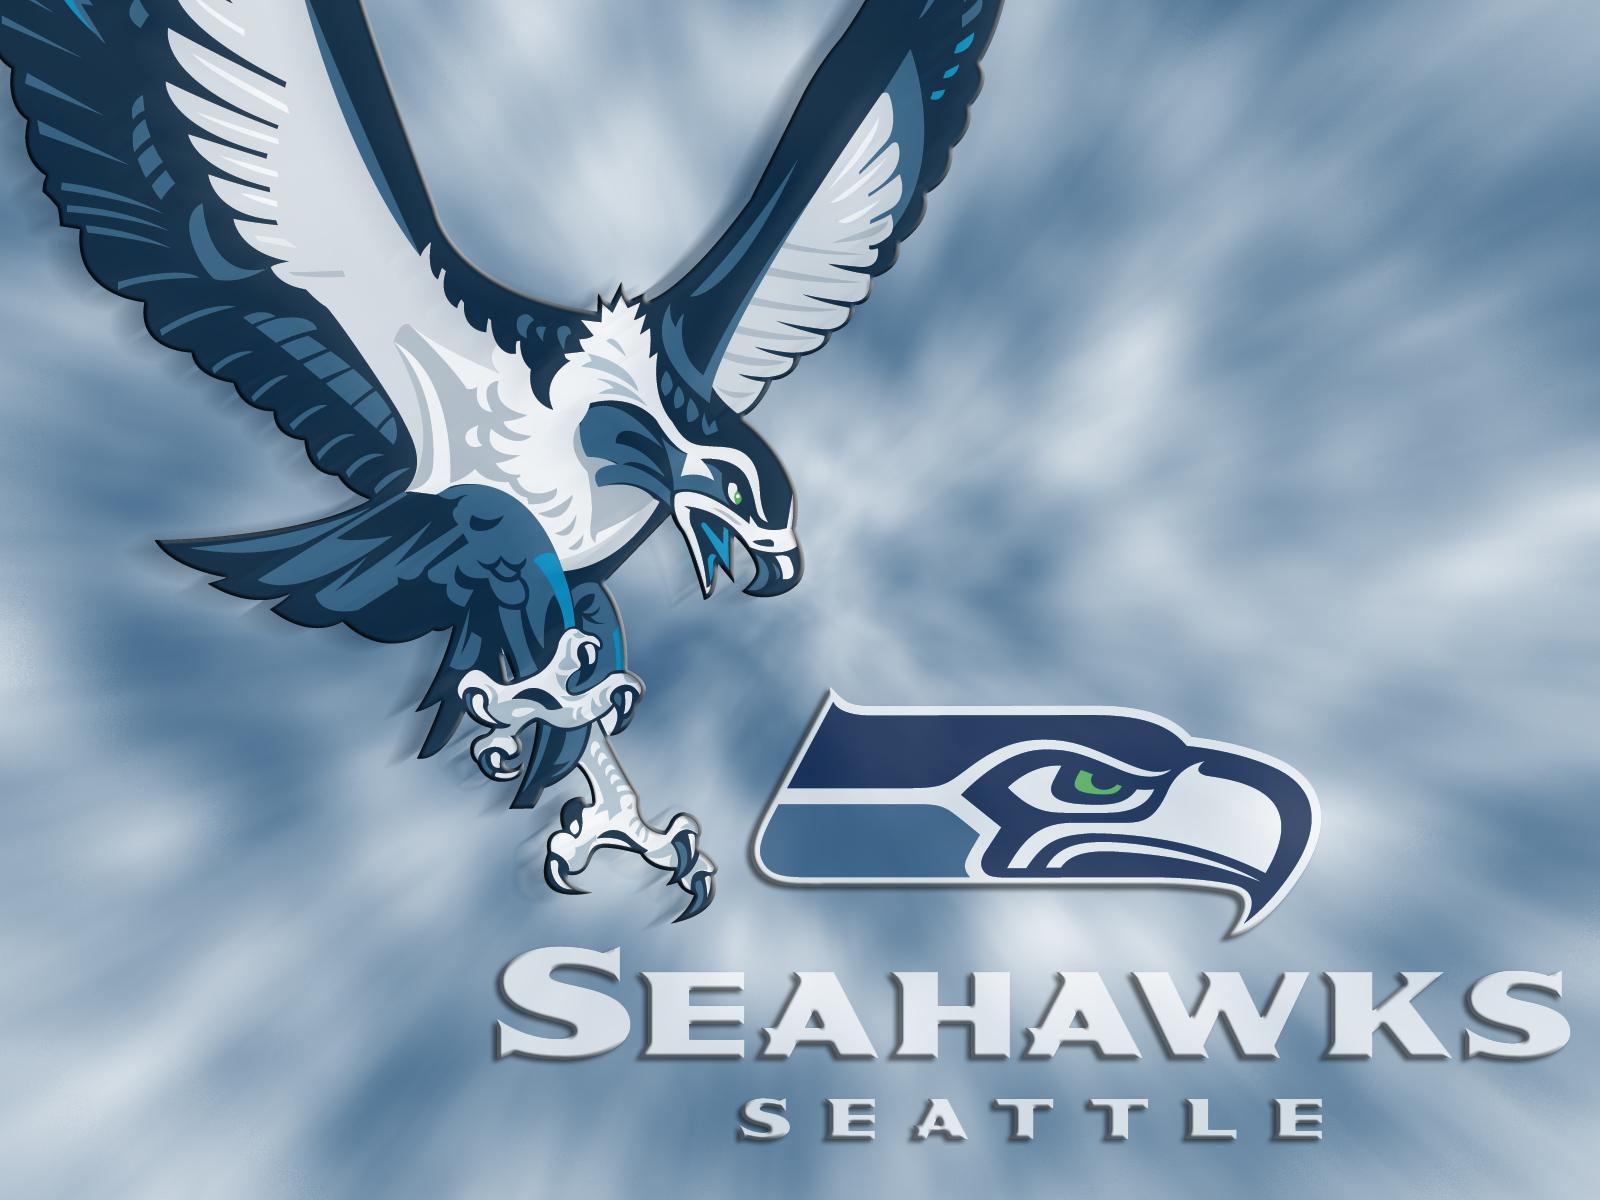 Seattle Seahawks Jerseys NFL Shop 50% Off - Seahaw